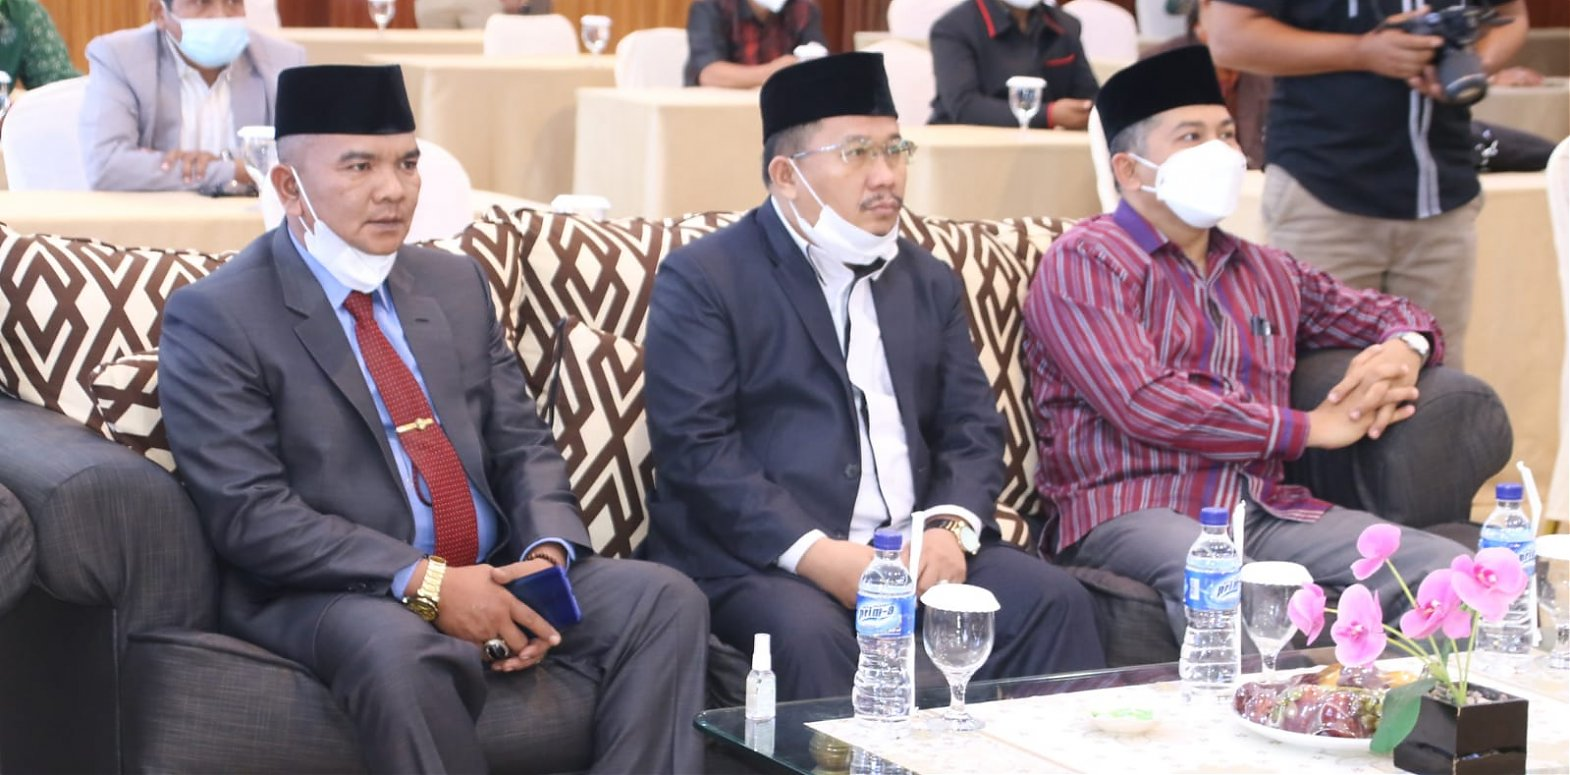 Ketua DPRD Agam Hadiri Pengukuhan Pengurus MUI Kabupaten Agam